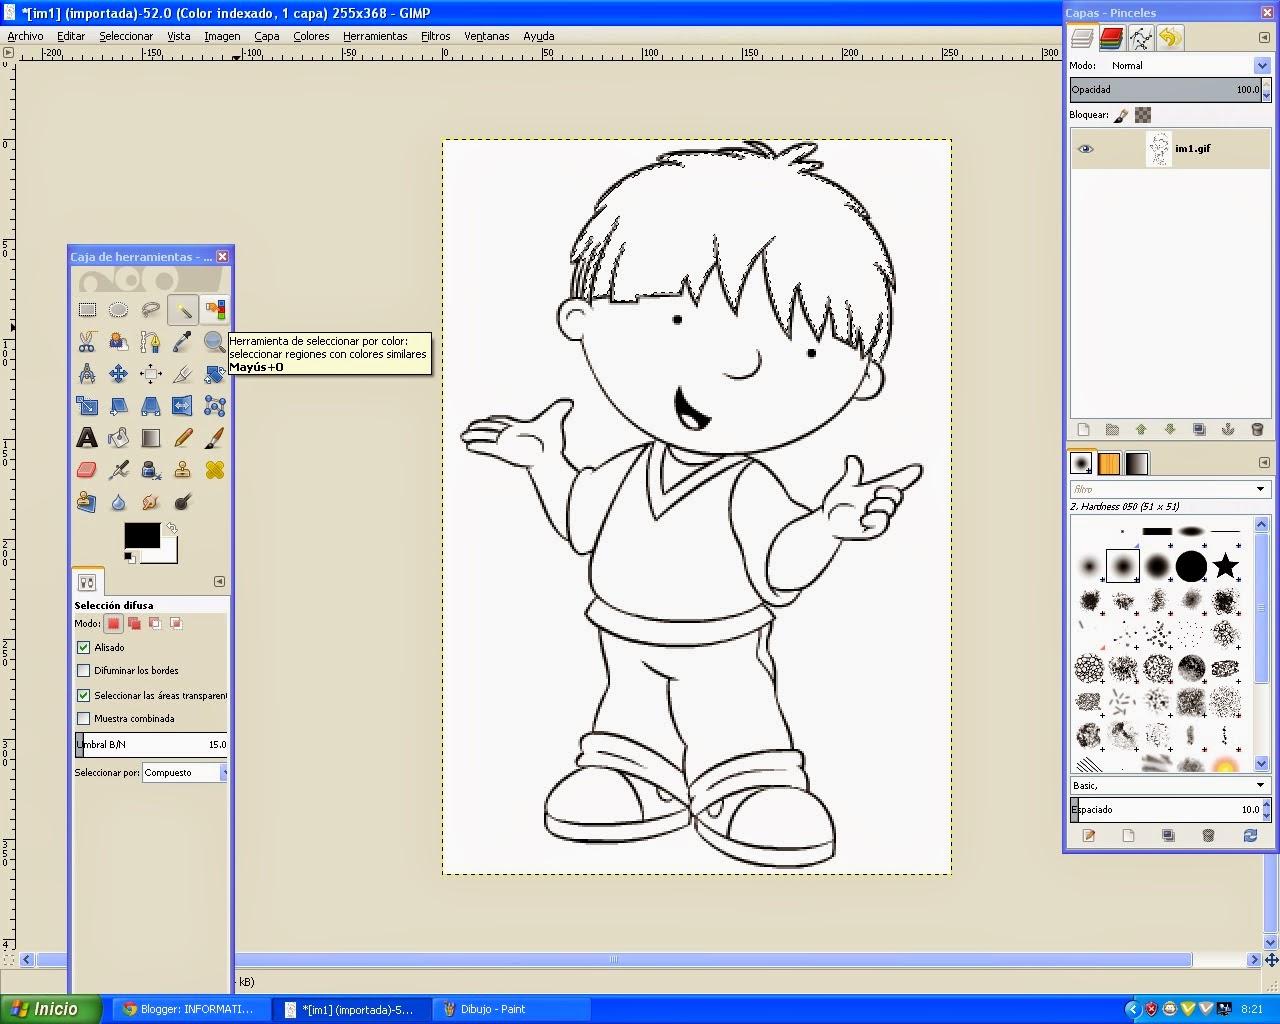 Informatica pasos para pintar un dibujo en lineas con gimp - Pasos para pintar ...